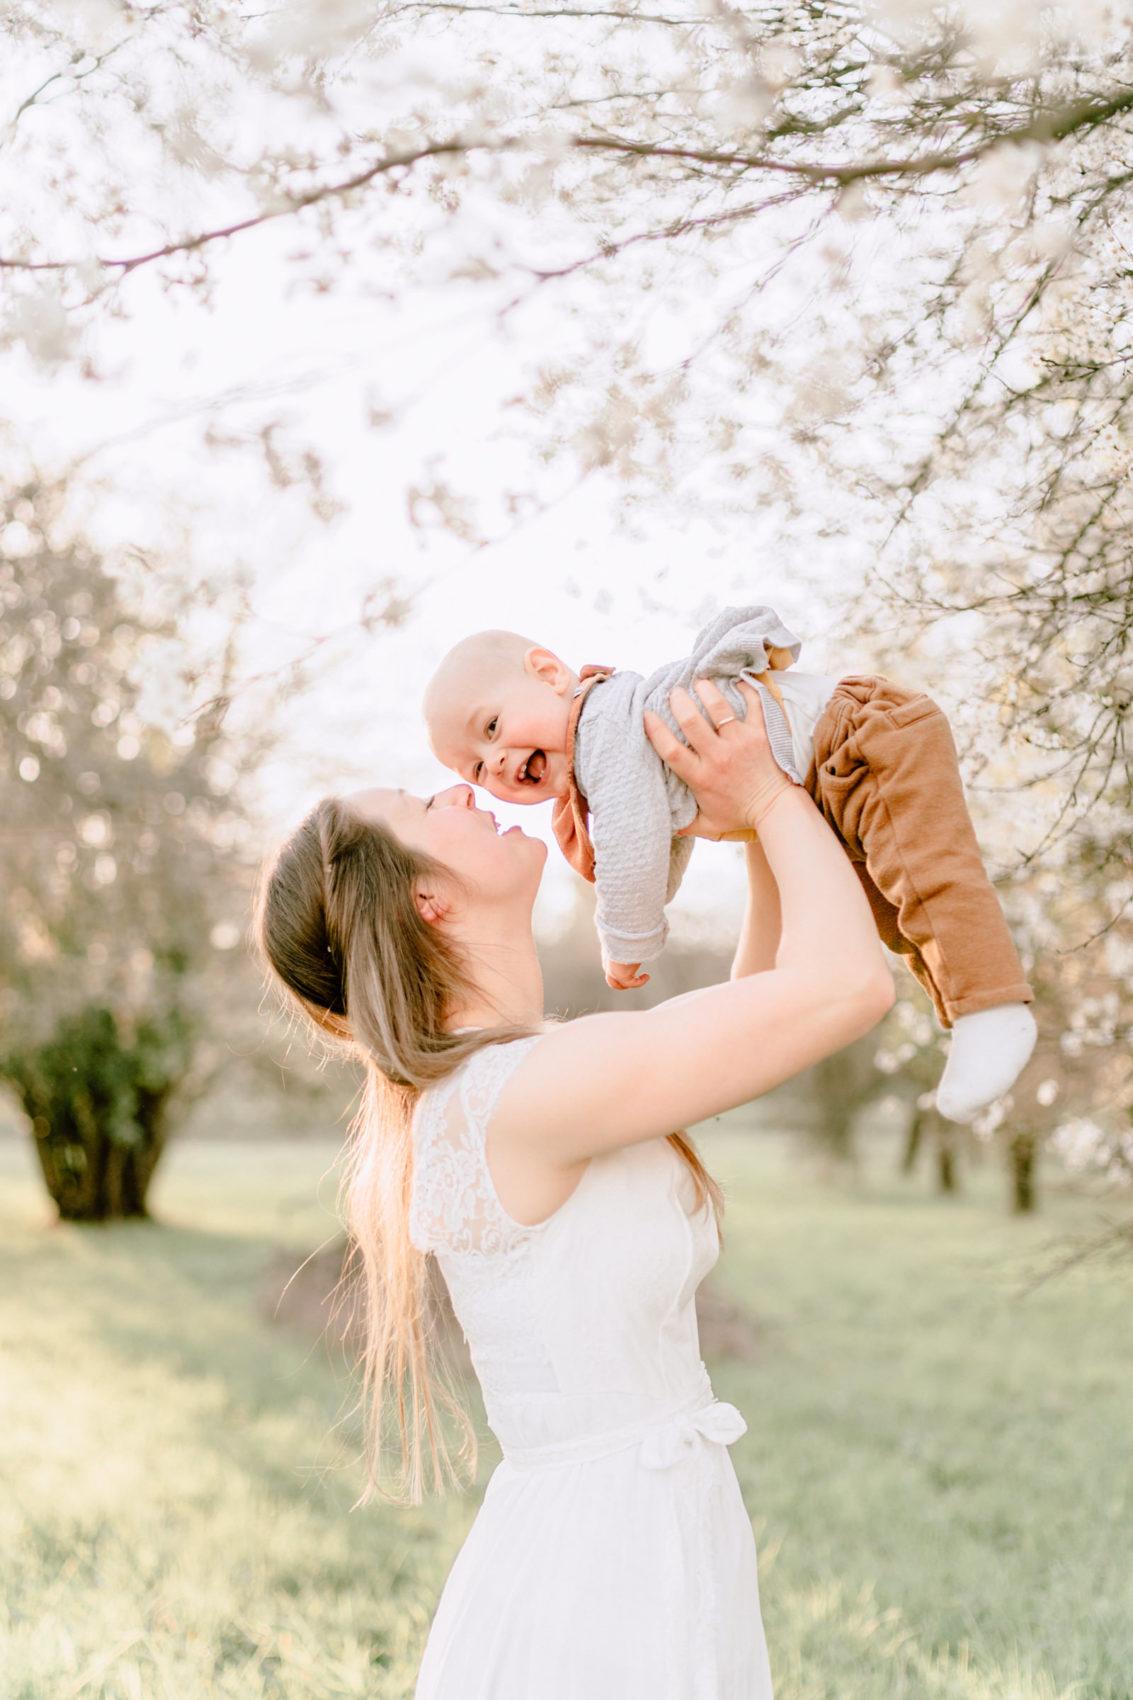 babyfotos-familienfotos-babybilder-fotoshooting-kippenheim-ettenheim-rust-offenburg-freiburg-emmendingen-natur-froehlich-65